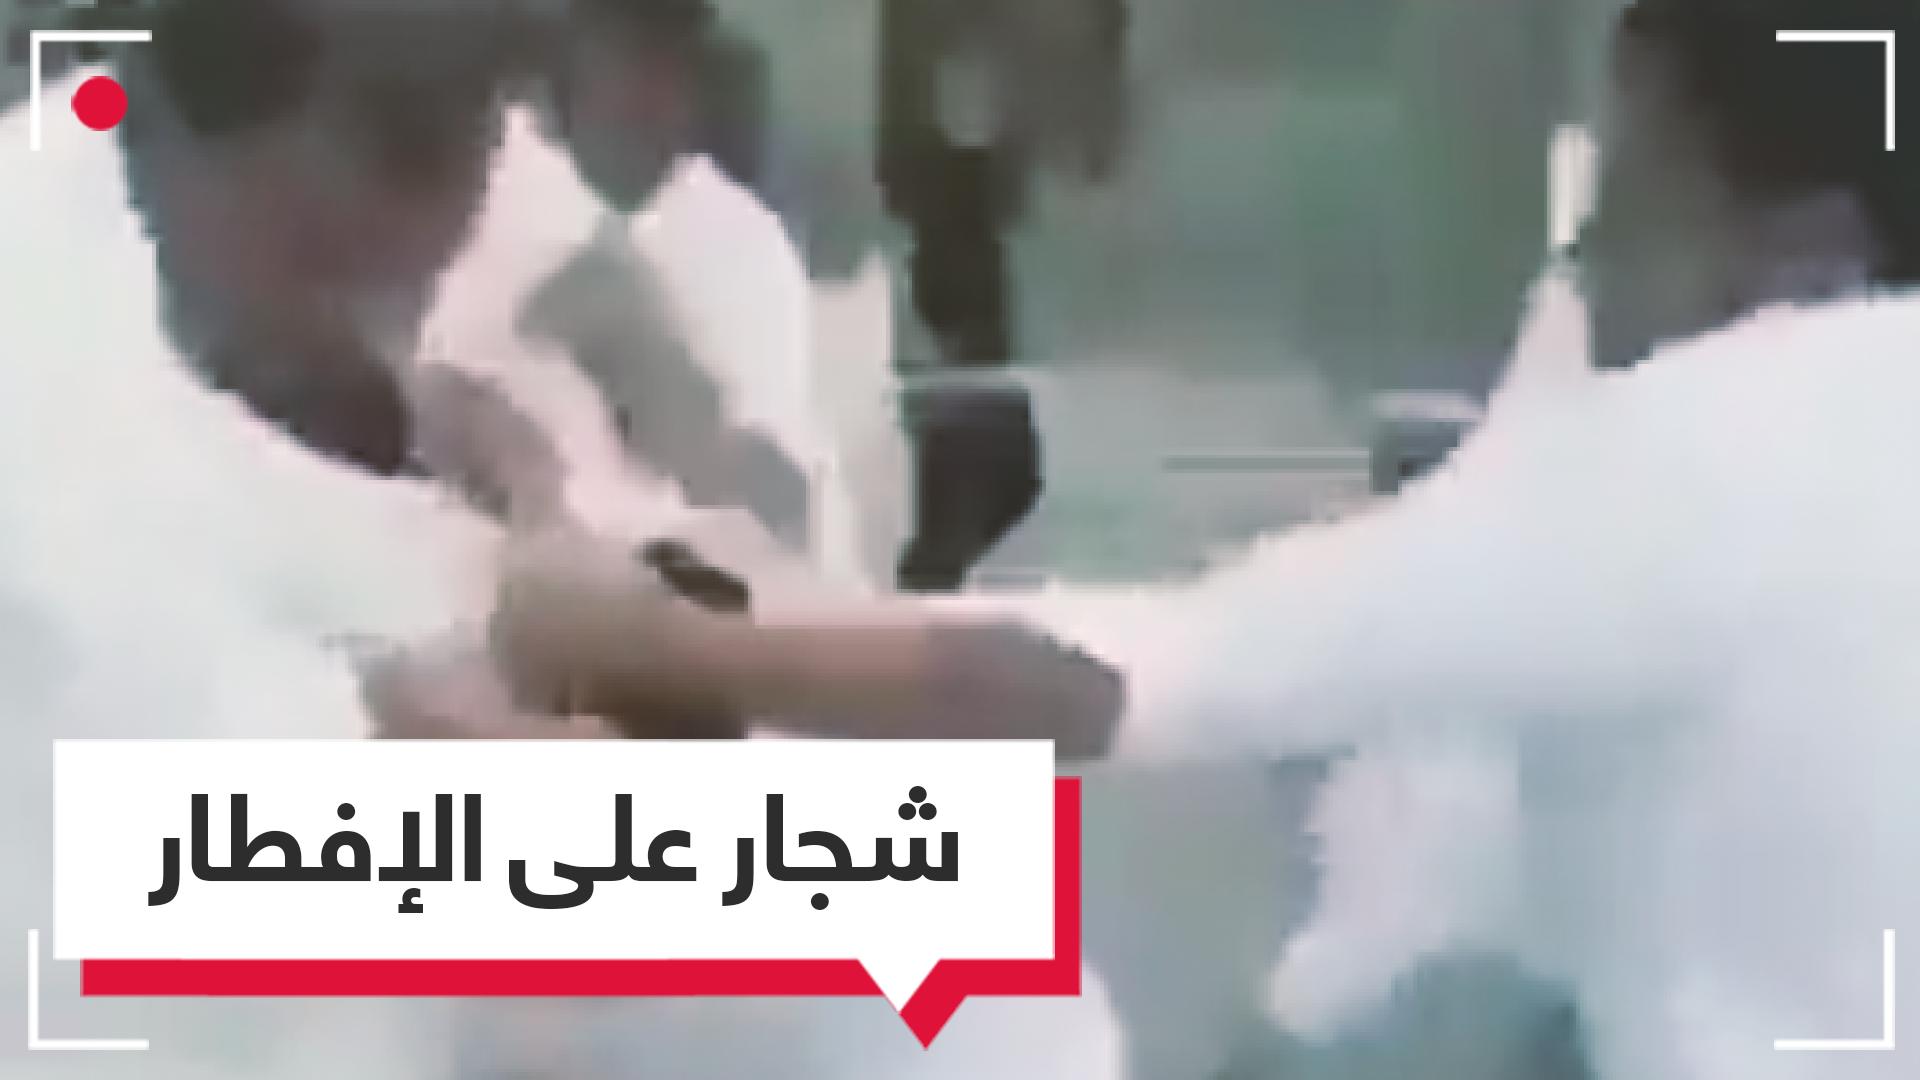 مغردون صُدموا من المشهد. شجار عنيف قبيل الإفطار قرب المسجد النبوي بالسعودية